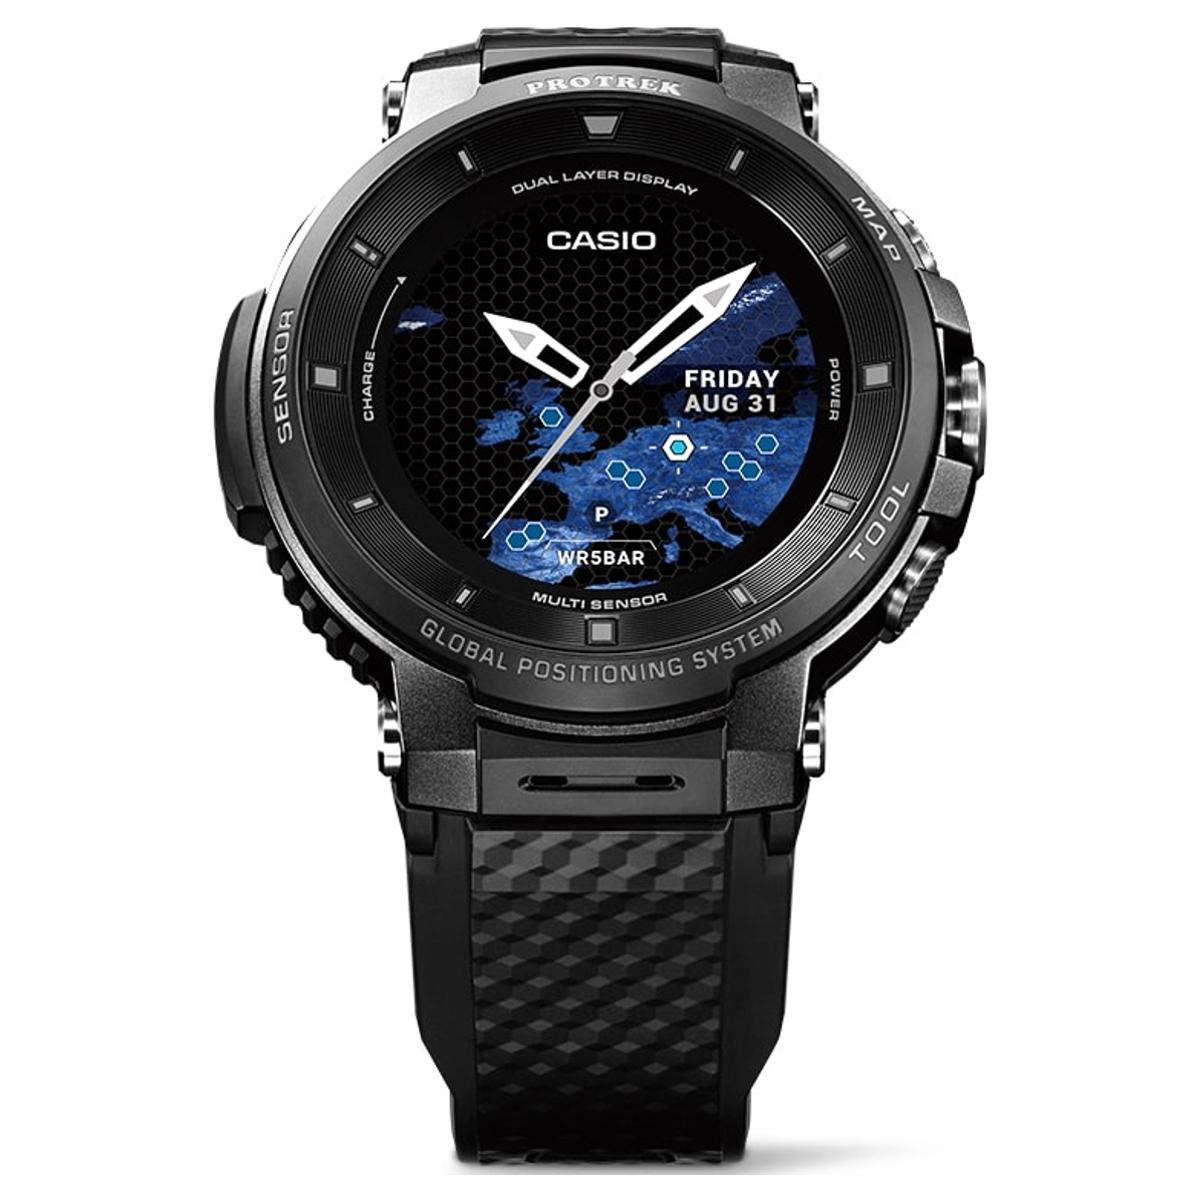 カシオ 腕時計 スマートウォッチ PRO TREK Smart WSD-F30-BK ブラック(東日本店)【同梱不可】